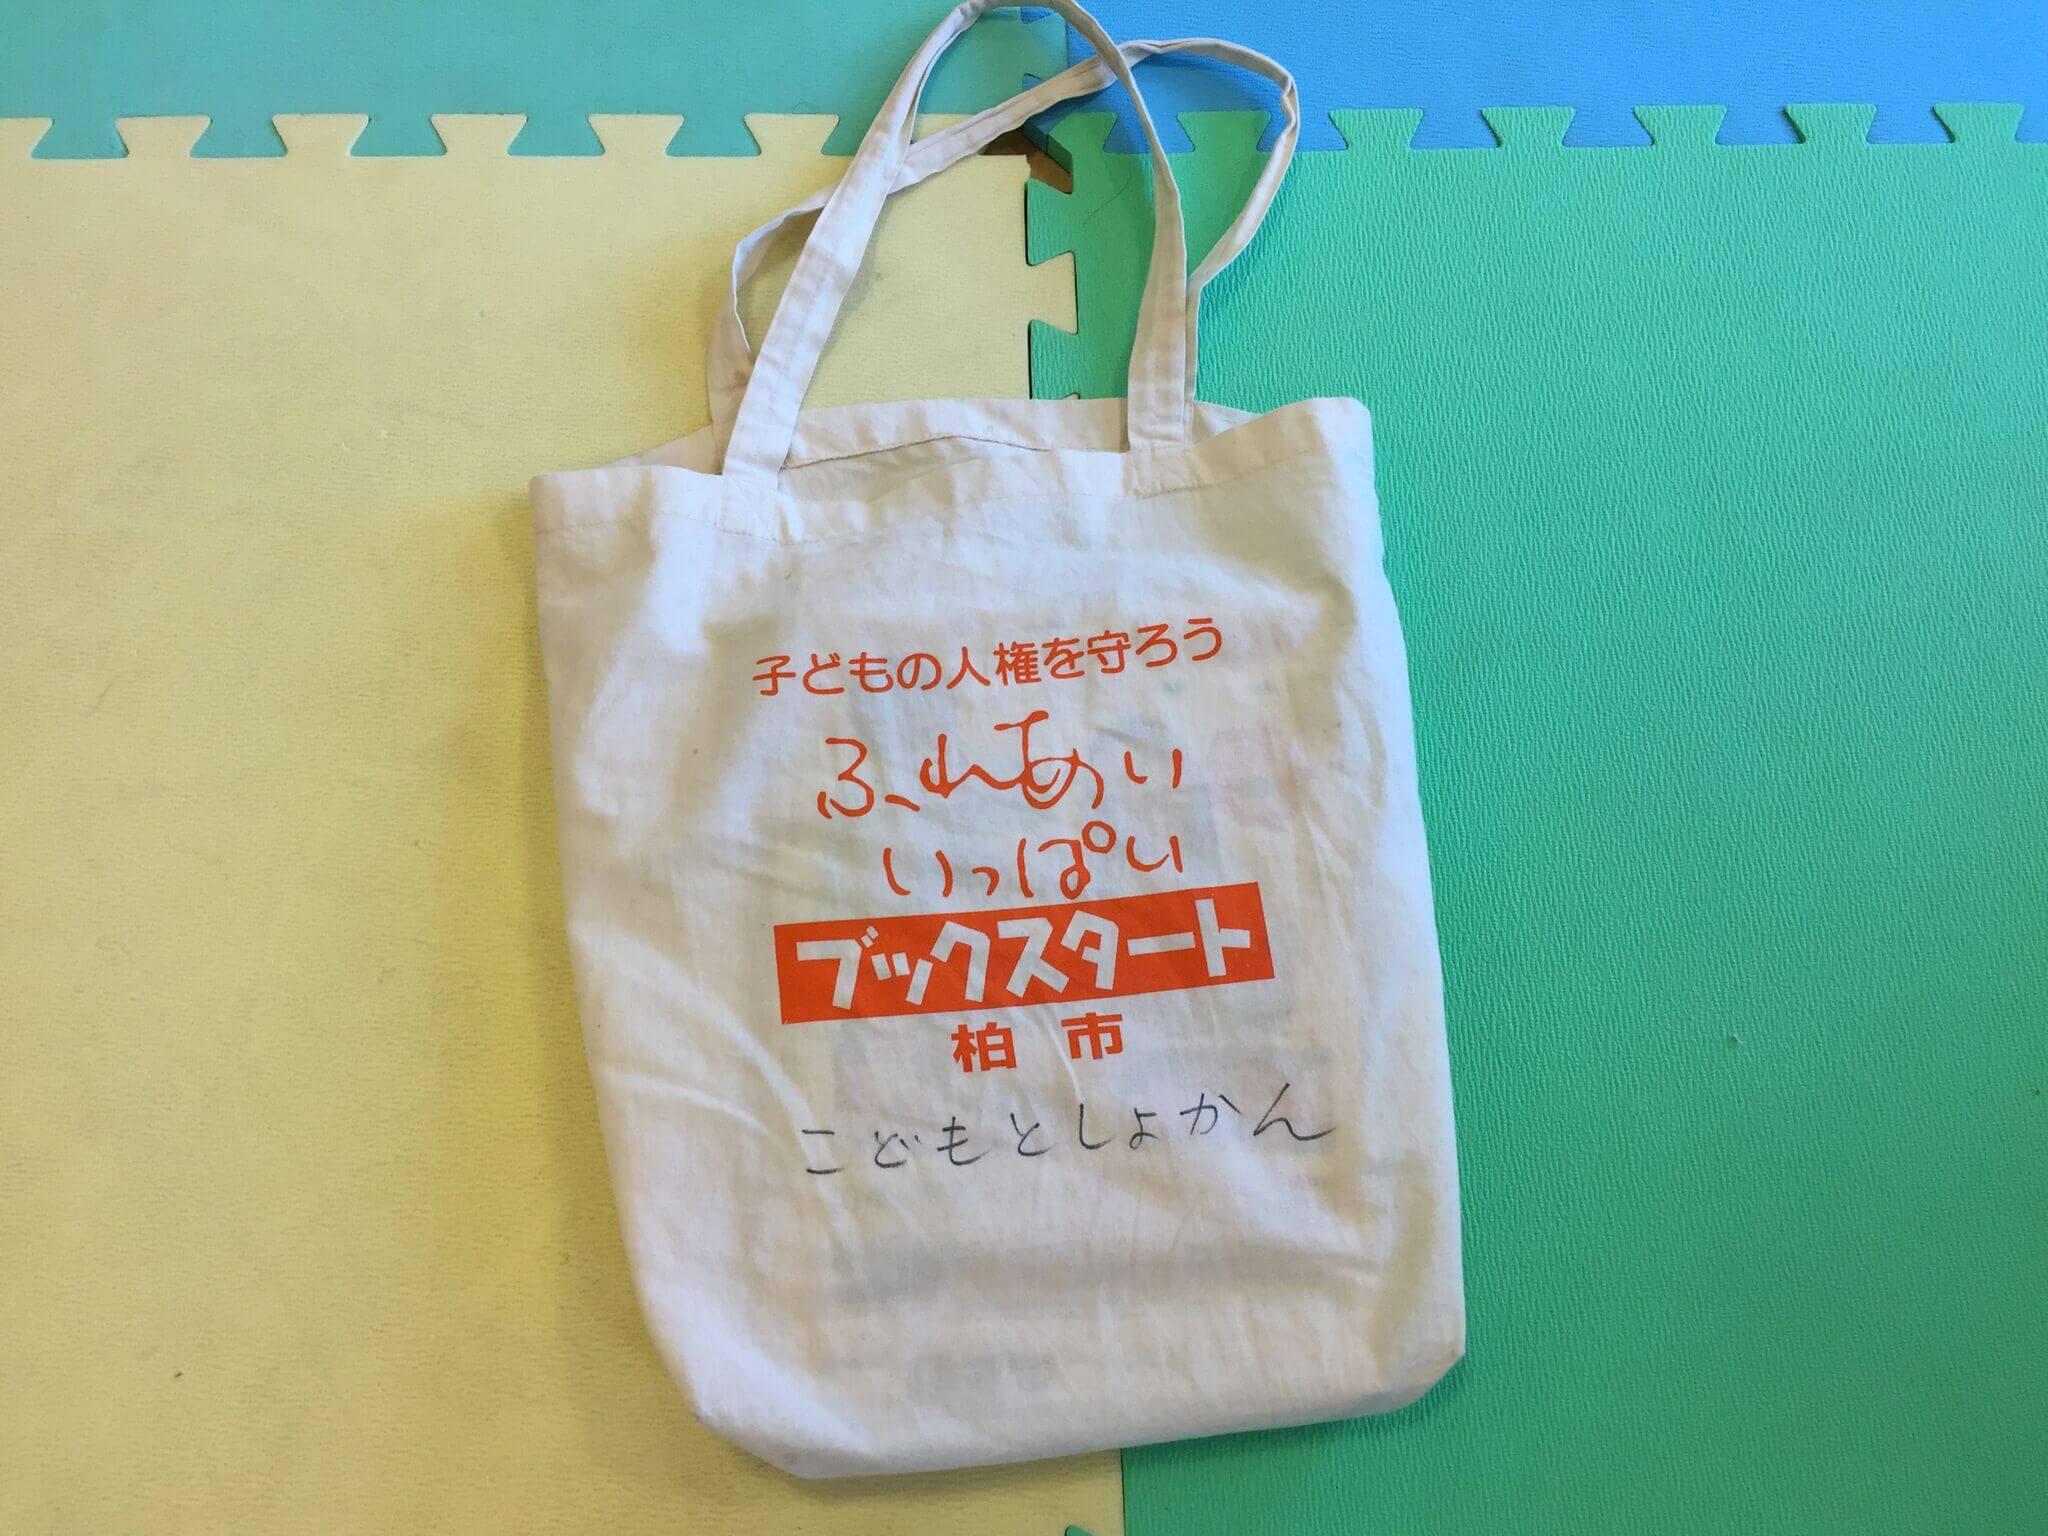 持ち帰り用の布バッグも貸してもらえて、ありがたいです。